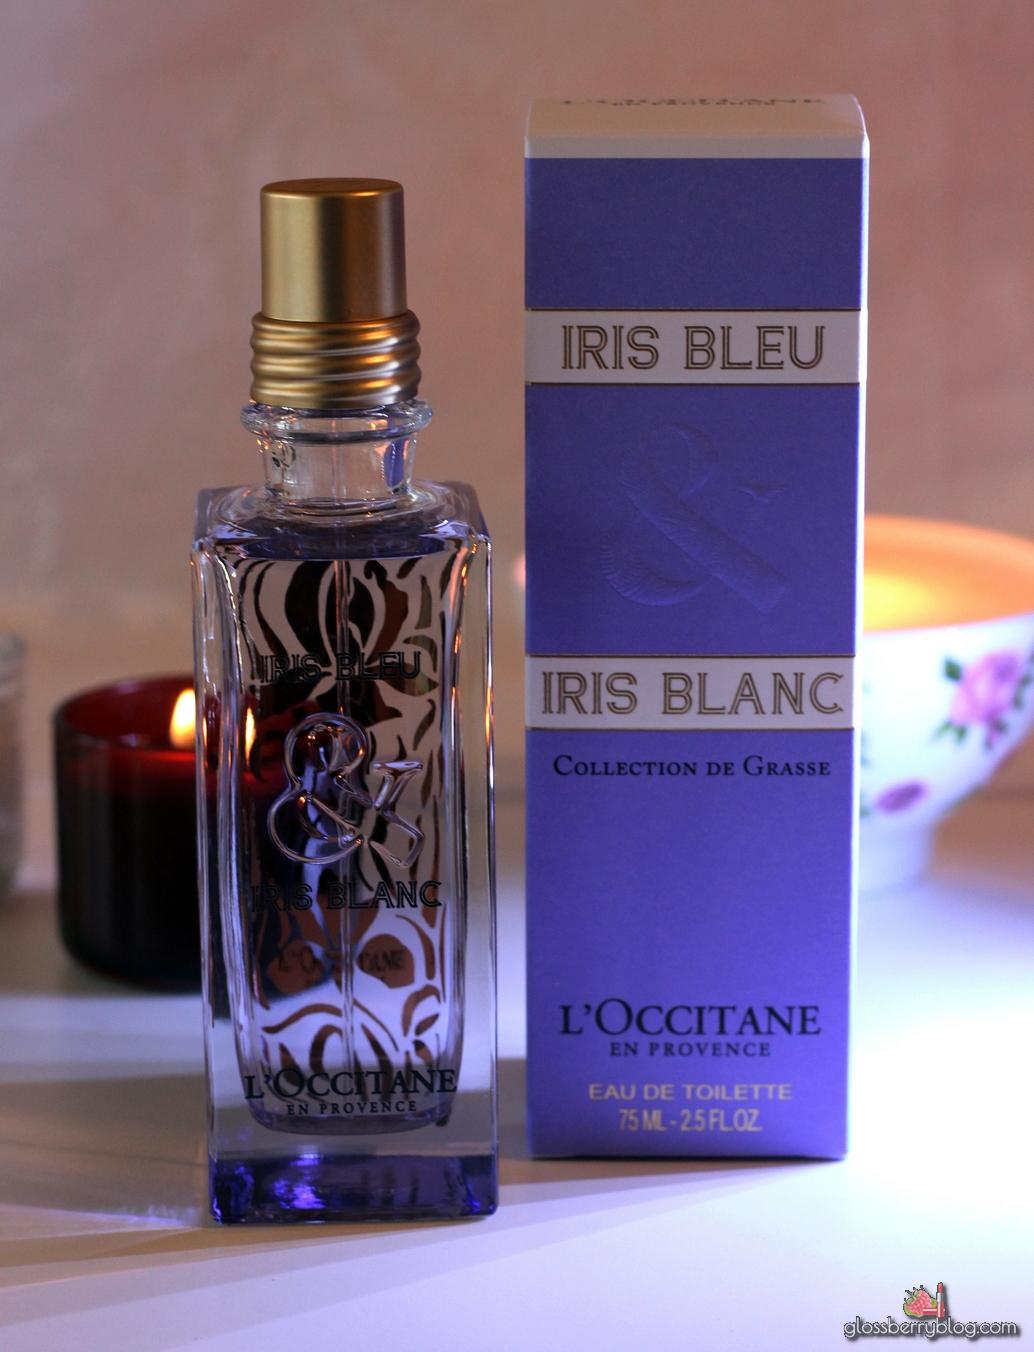 ל'אוקסיטן - בושם אירוס כחול & אירוס לבן / L'Occitane - Iris Bleu & Iris Blanc Eau De Toilette